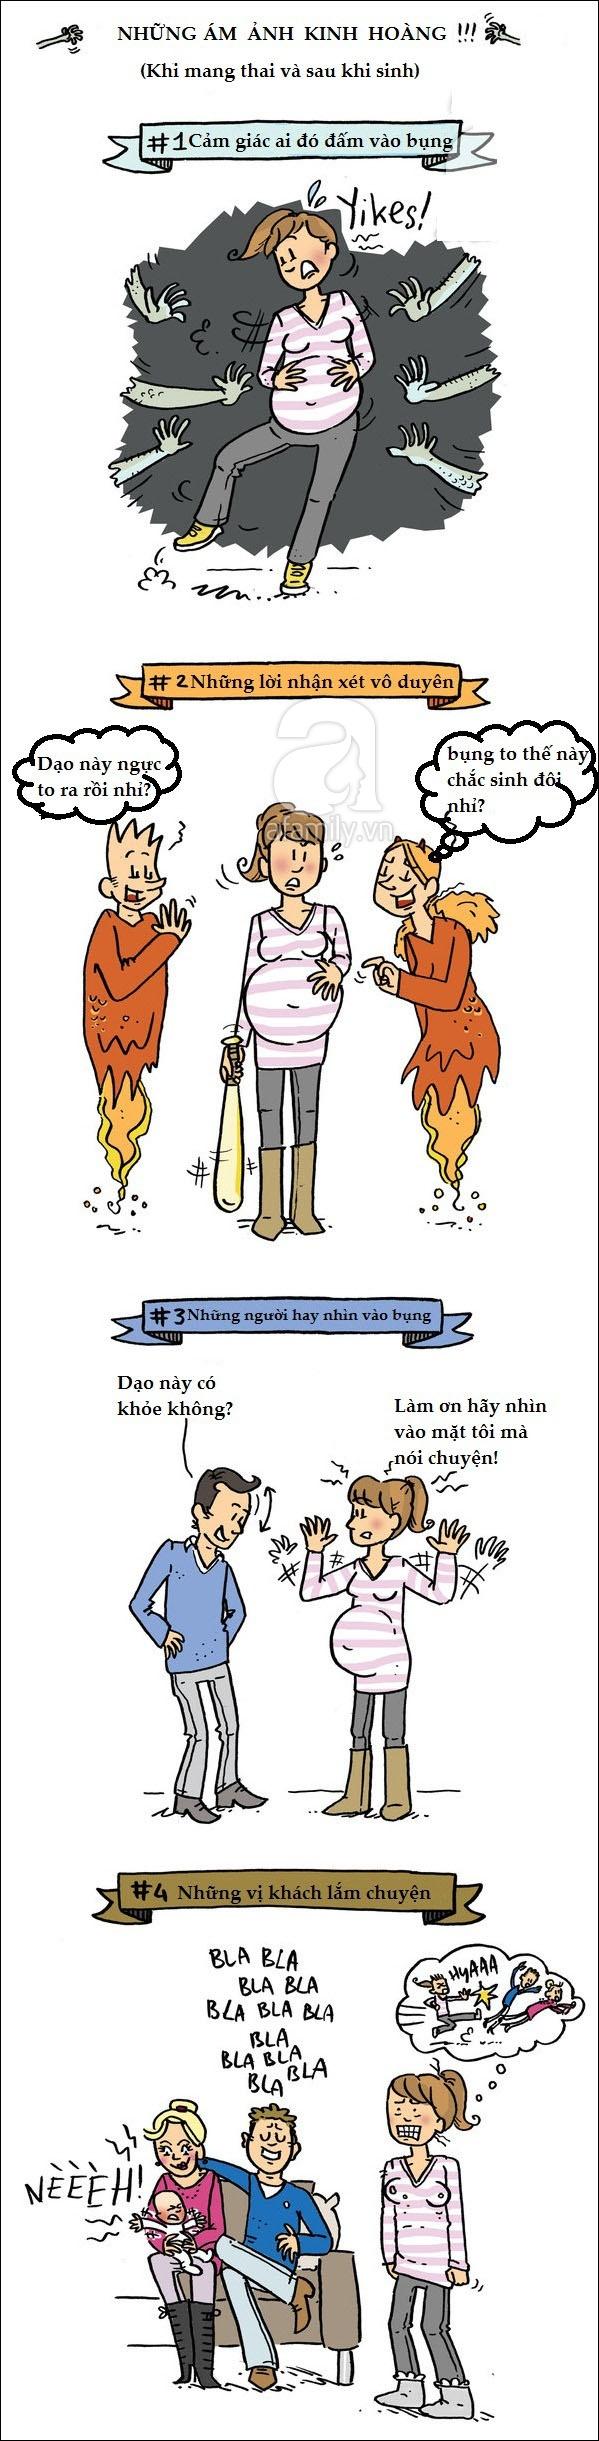 Bộ tranh hài hước phơi bày sự thật trần trụi của các bà mẹ khi mang thai và sau sinh - Ảnh 5.